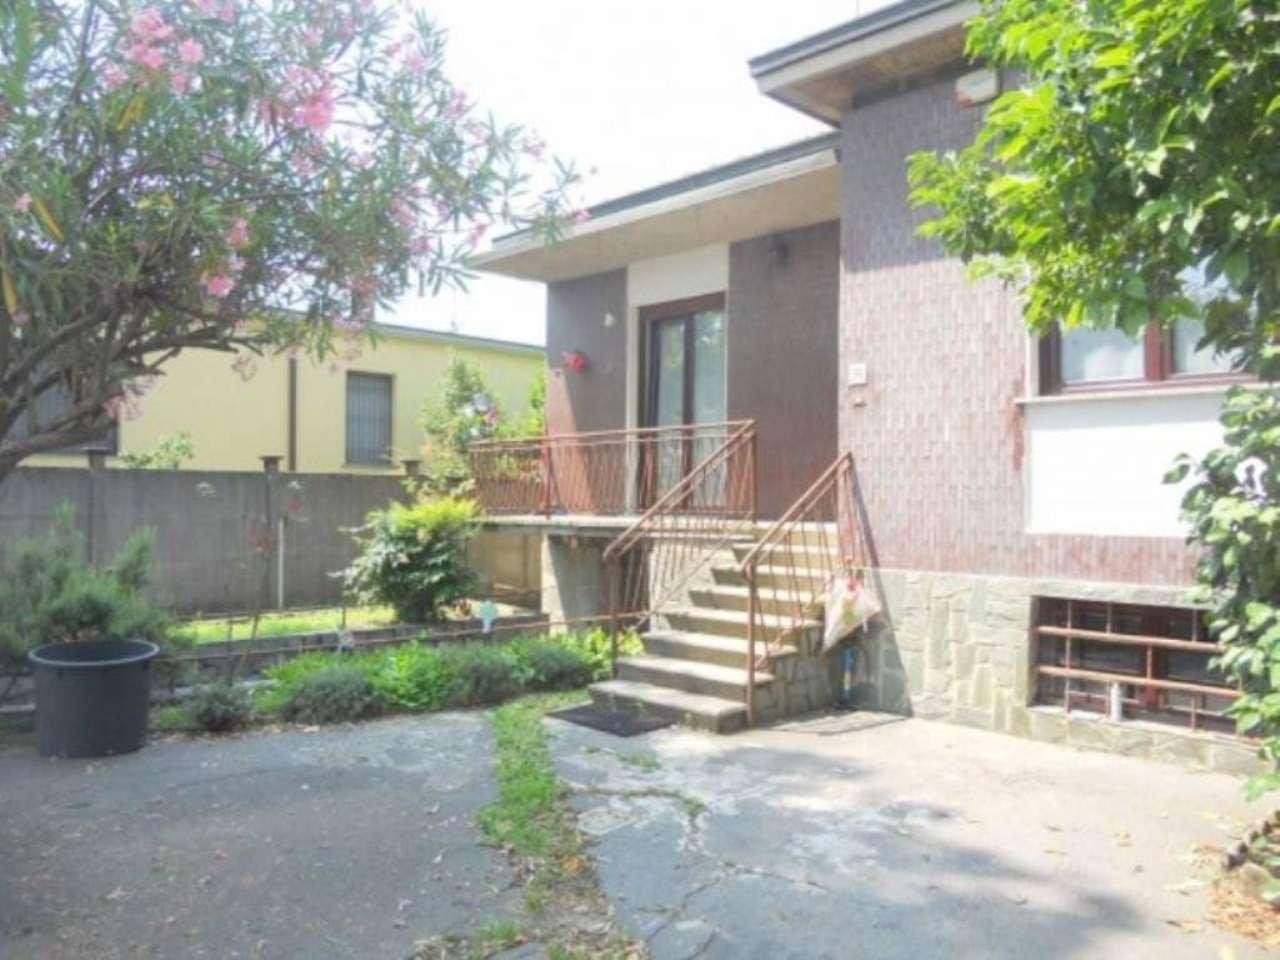 Villa in vendita a Brugherio, 3 locali, prezzo € 360.000 | Cambio Casa.it